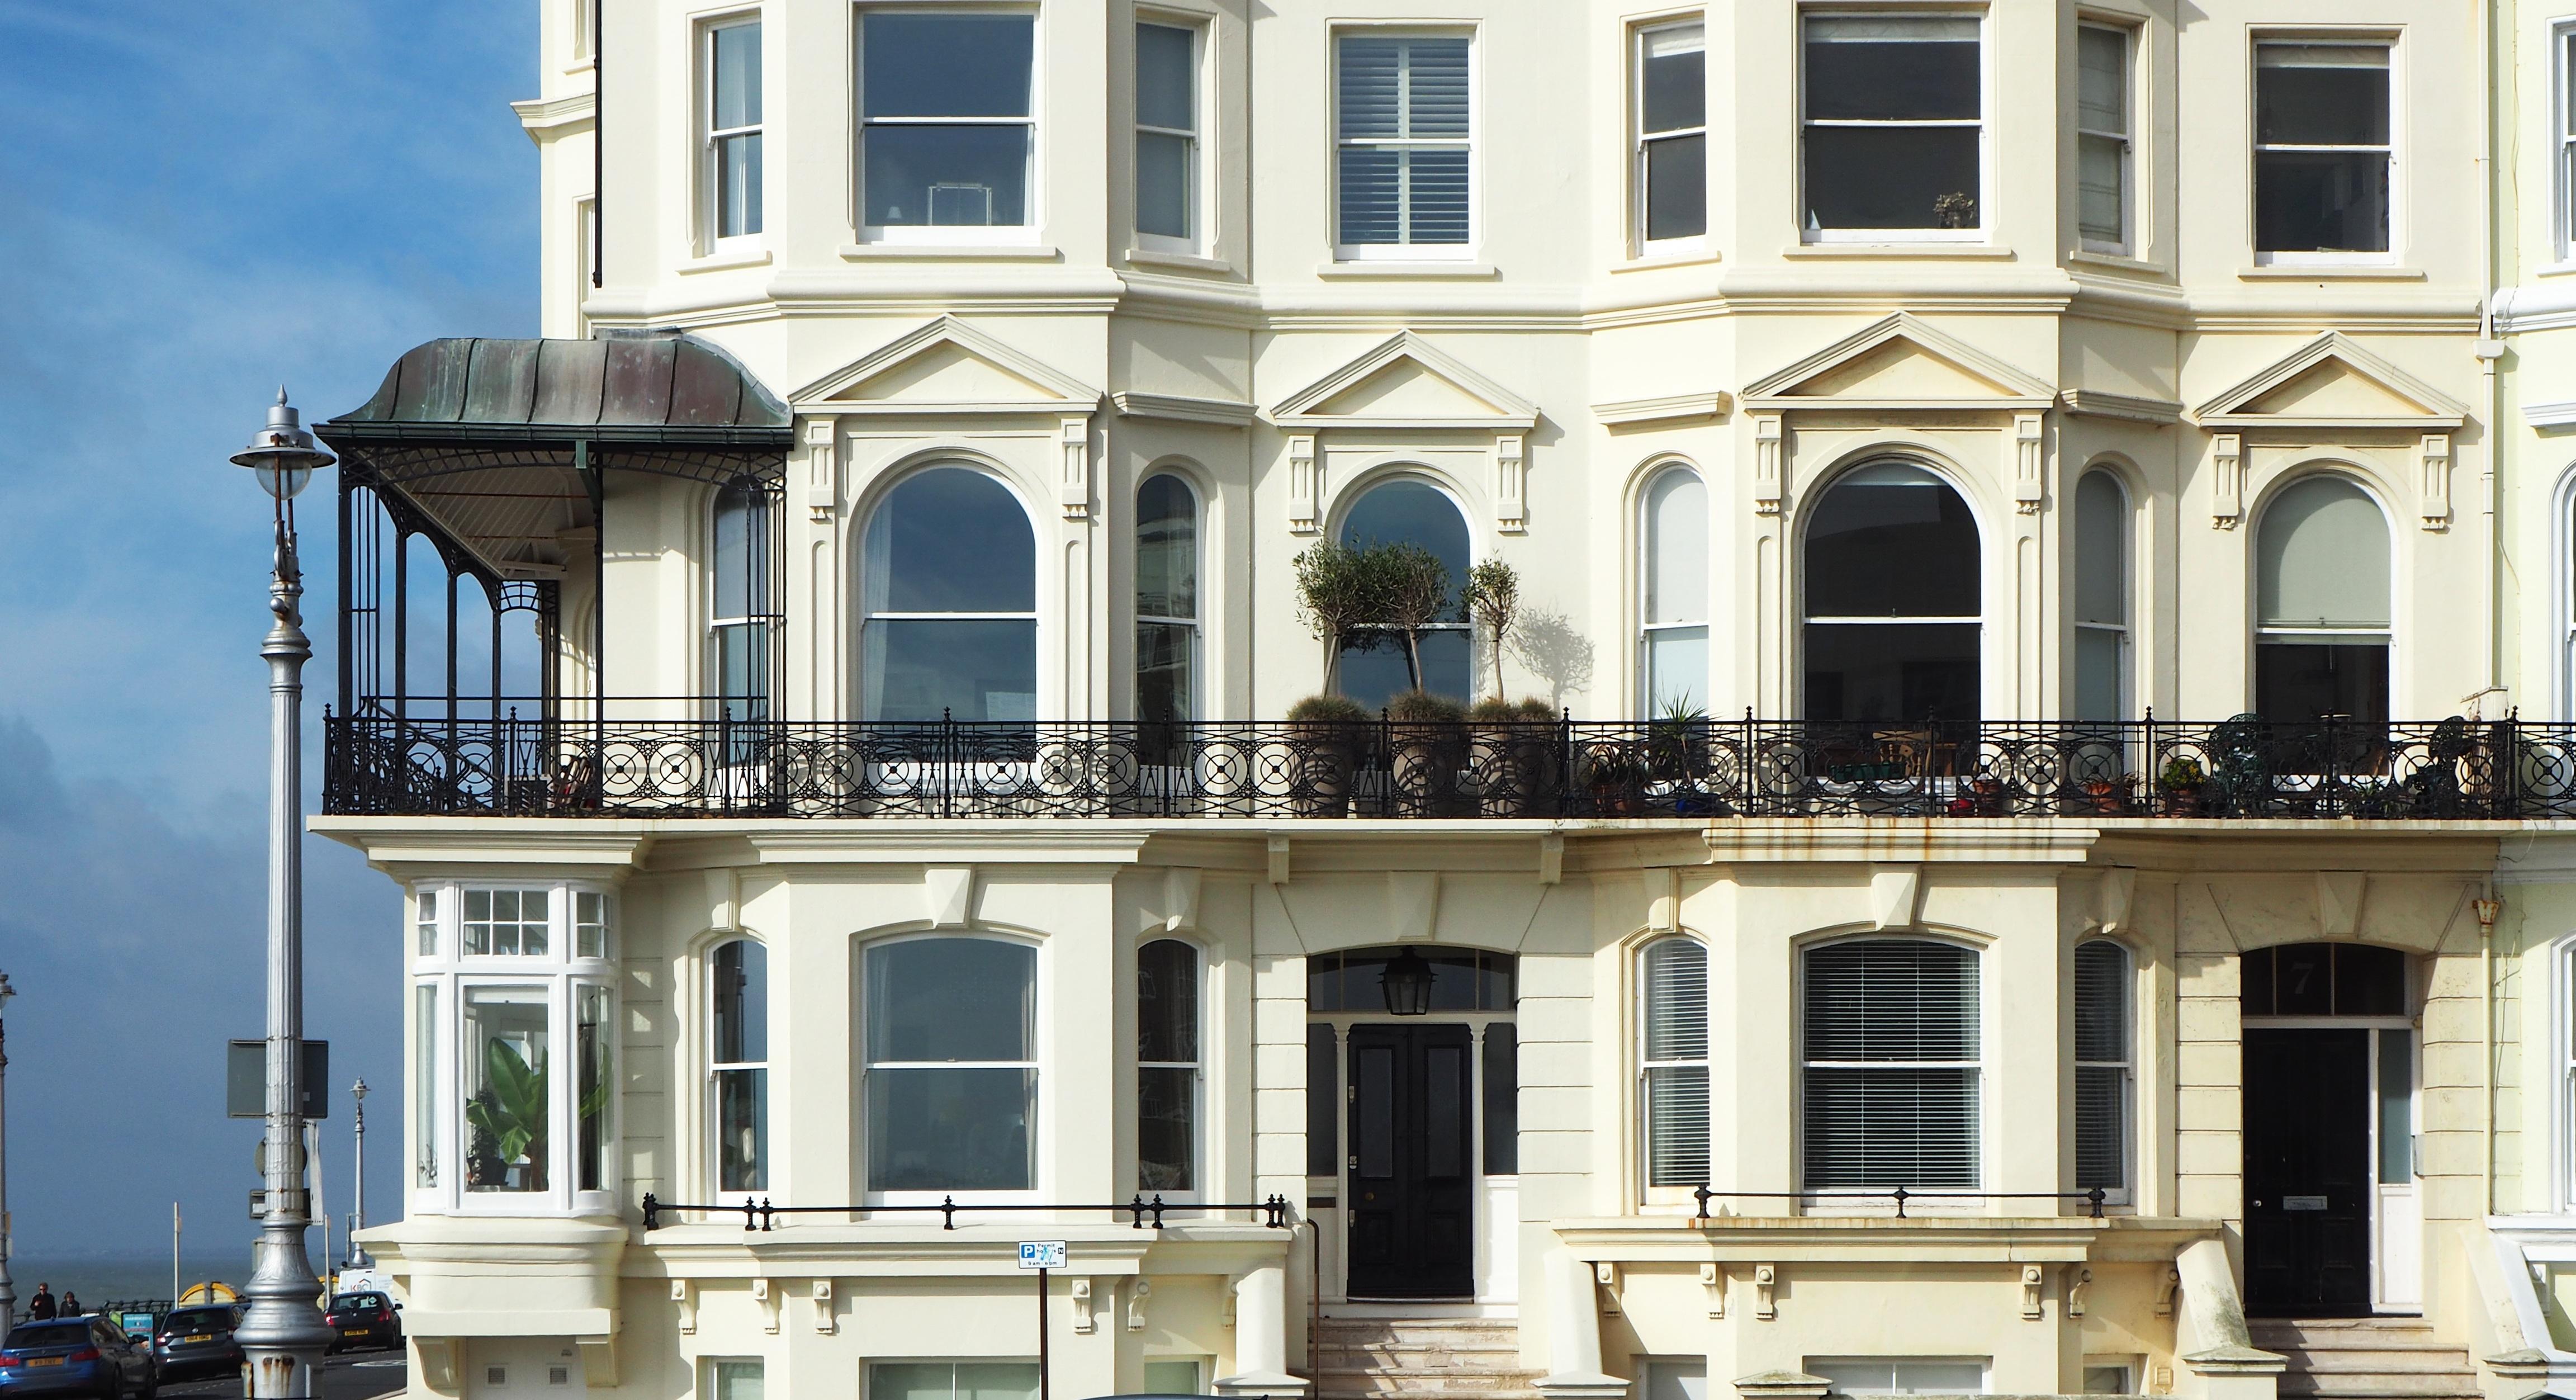 Fotos gratis arquitectura villa palacio casa ventana pueblo edificio playa balc n for Fenetre villa